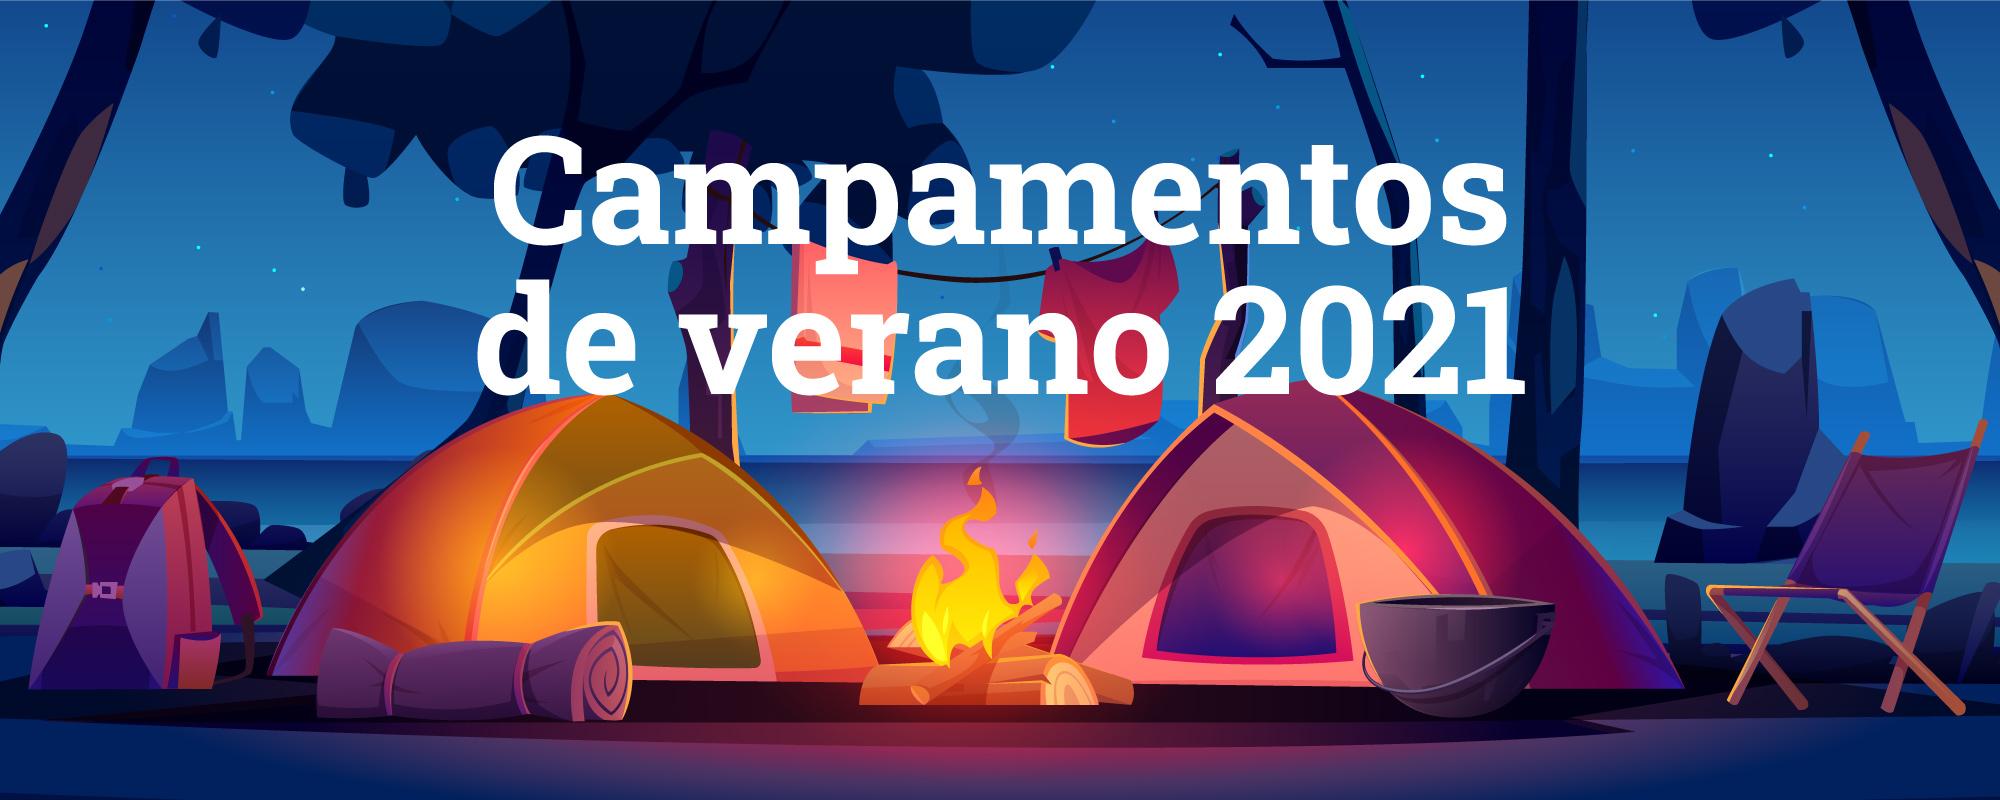 Pulsa para más información sobre los campamentos de verano